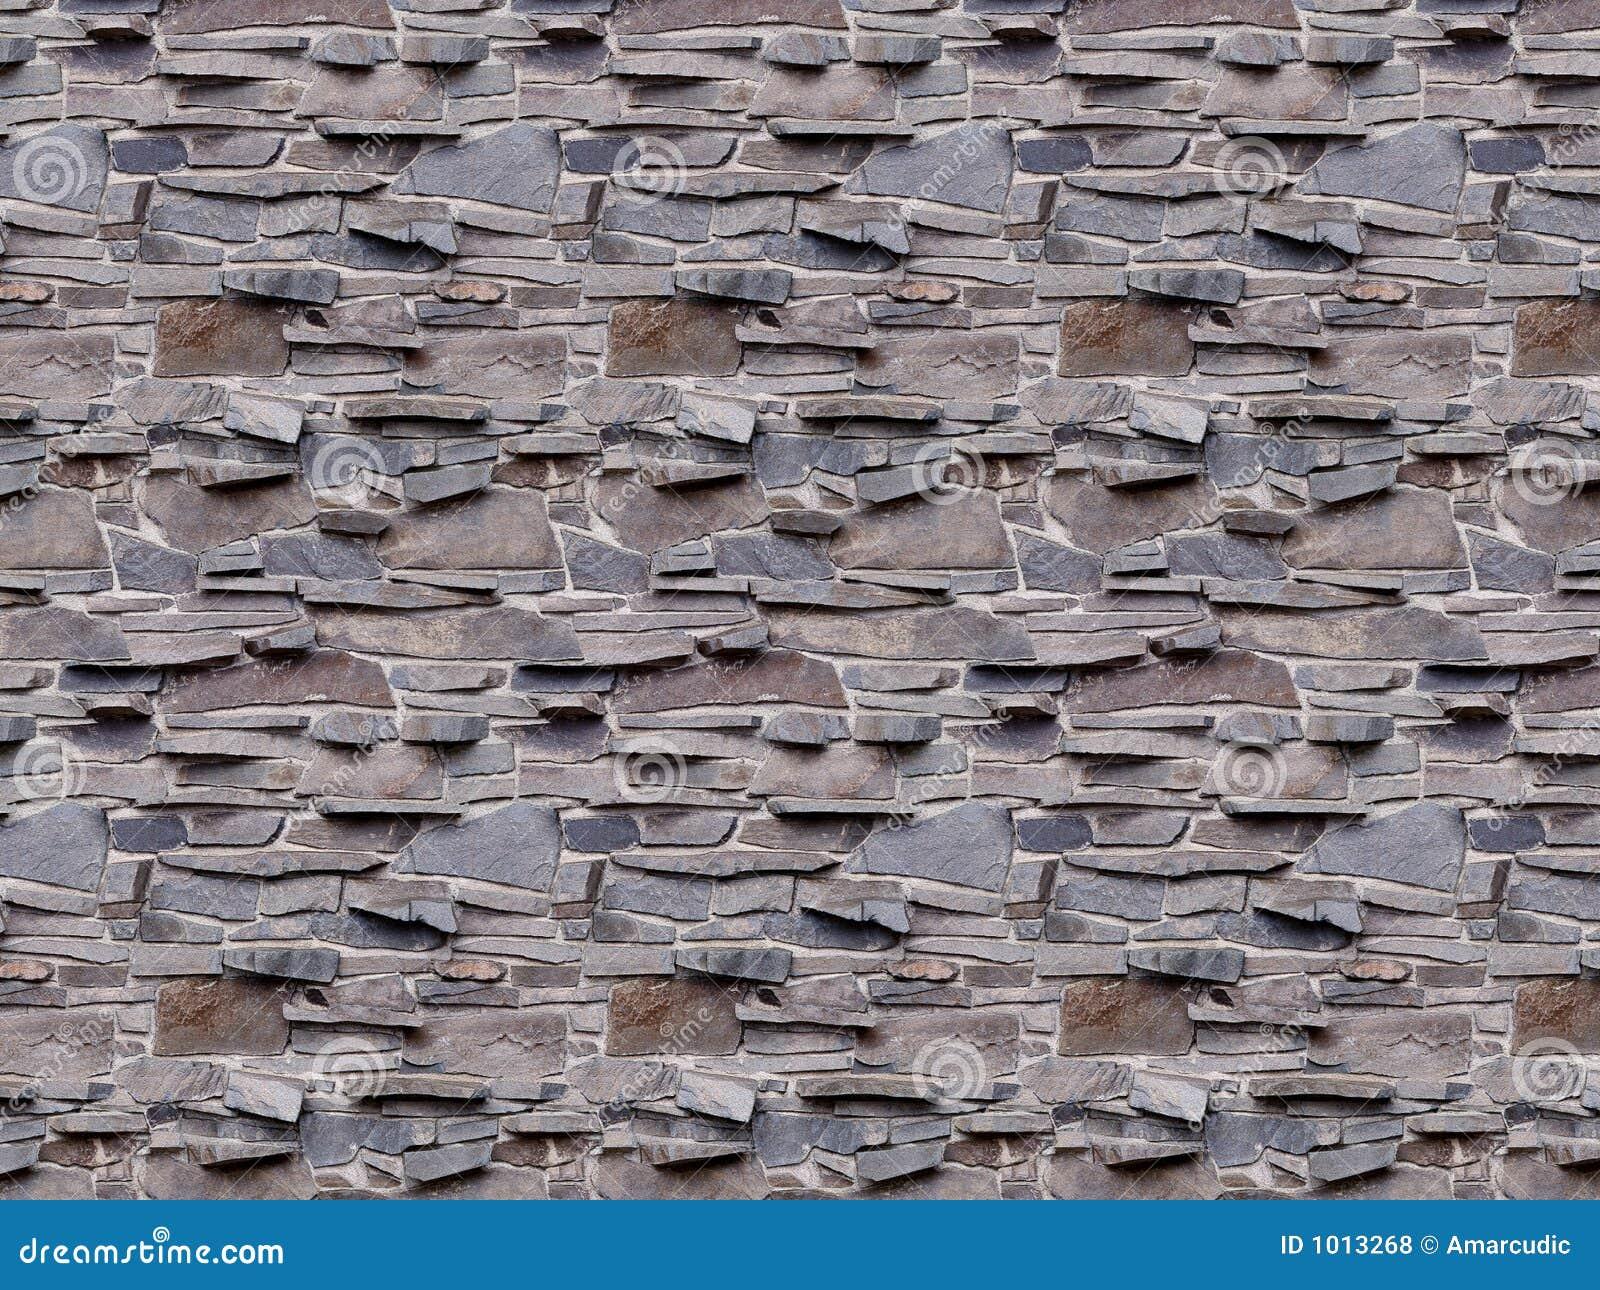 STEINwand-BESCHAFFENHEITS-Grau Lizenzfreie Stockfotos - Bild: 1013268